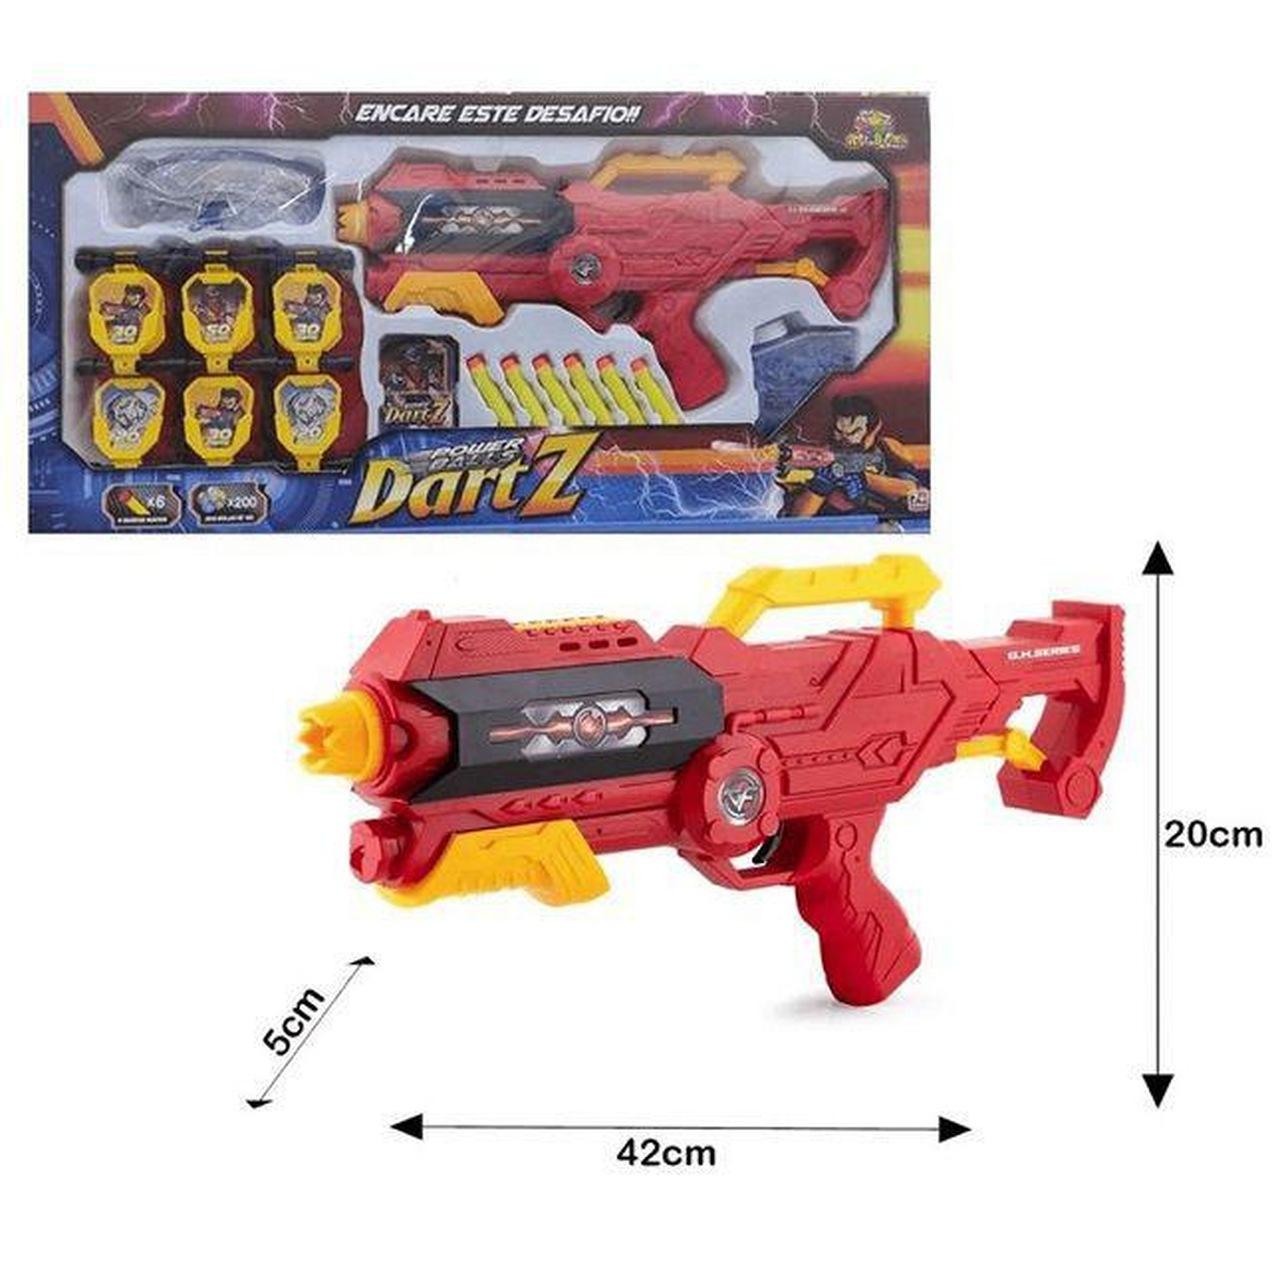 Lança Dardos Power Balls Dart Z 200 Bolinhas em Gel Art Brink - Ref.: ZB485